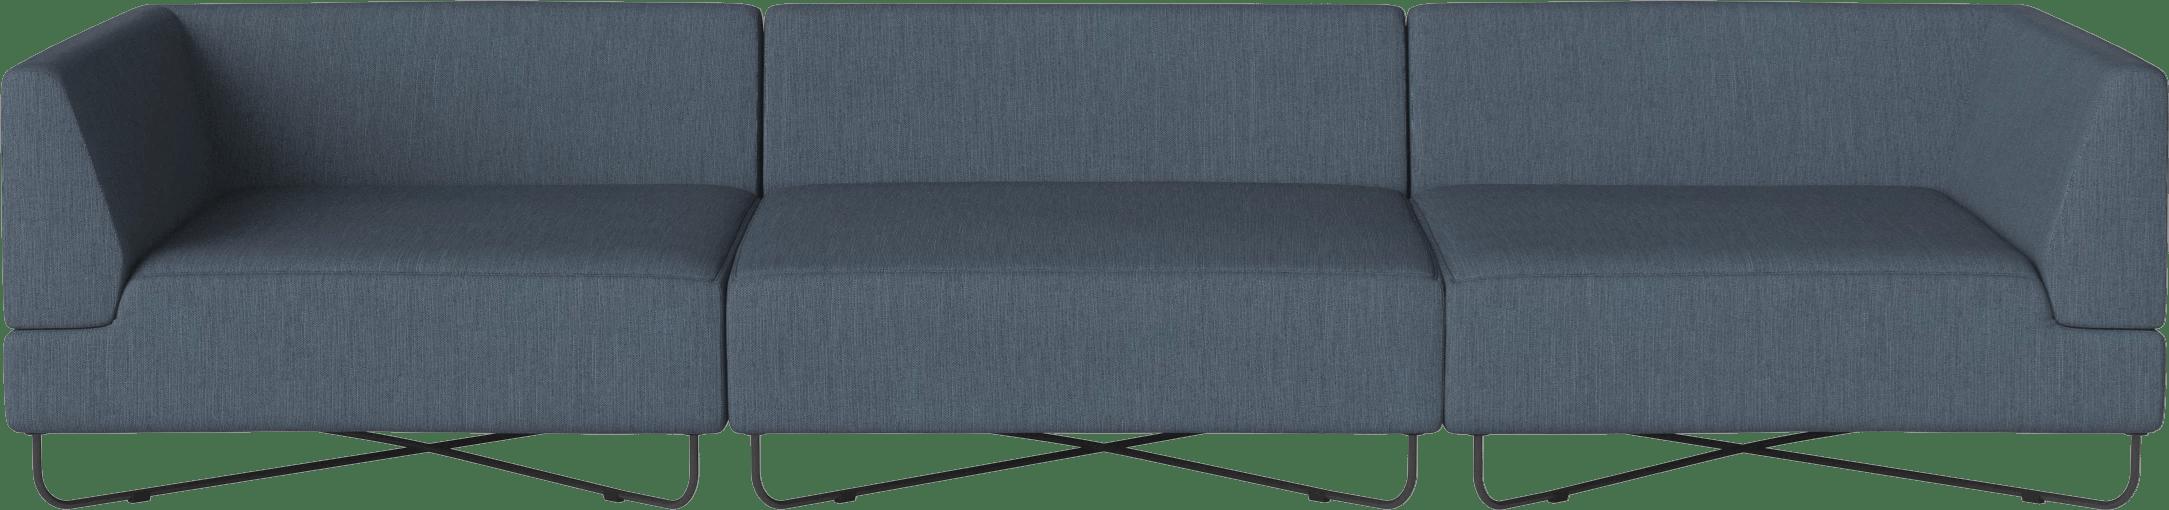 bolia blue orlando modular sofa haute living